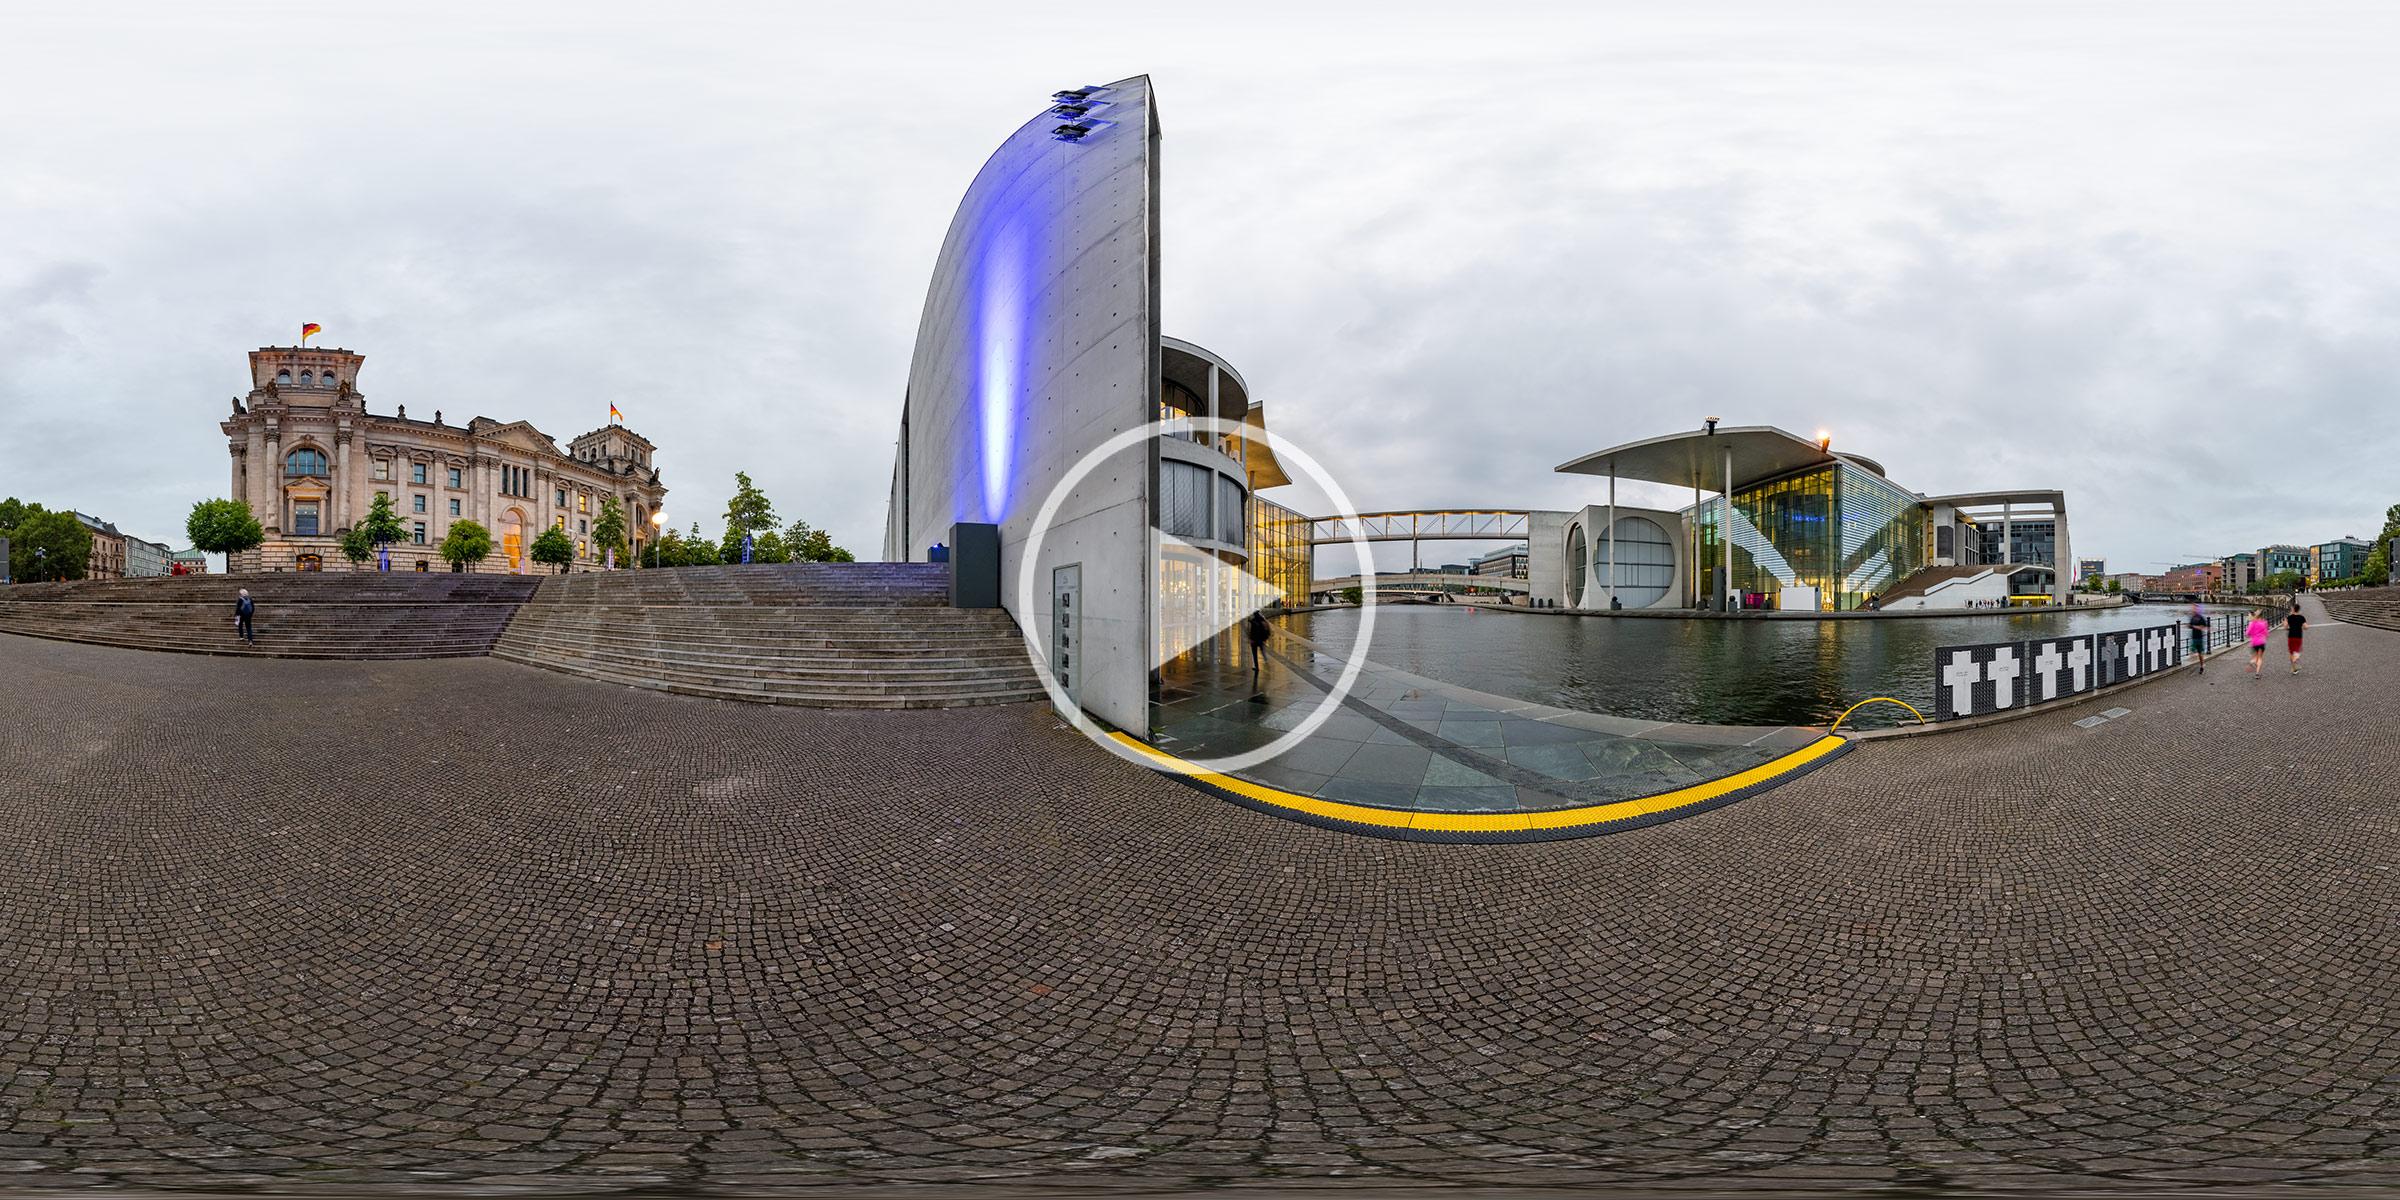 Friedrich-Ebert-Platz / Paul-Löbe-Haus am Spreebogen in der Dämmerung